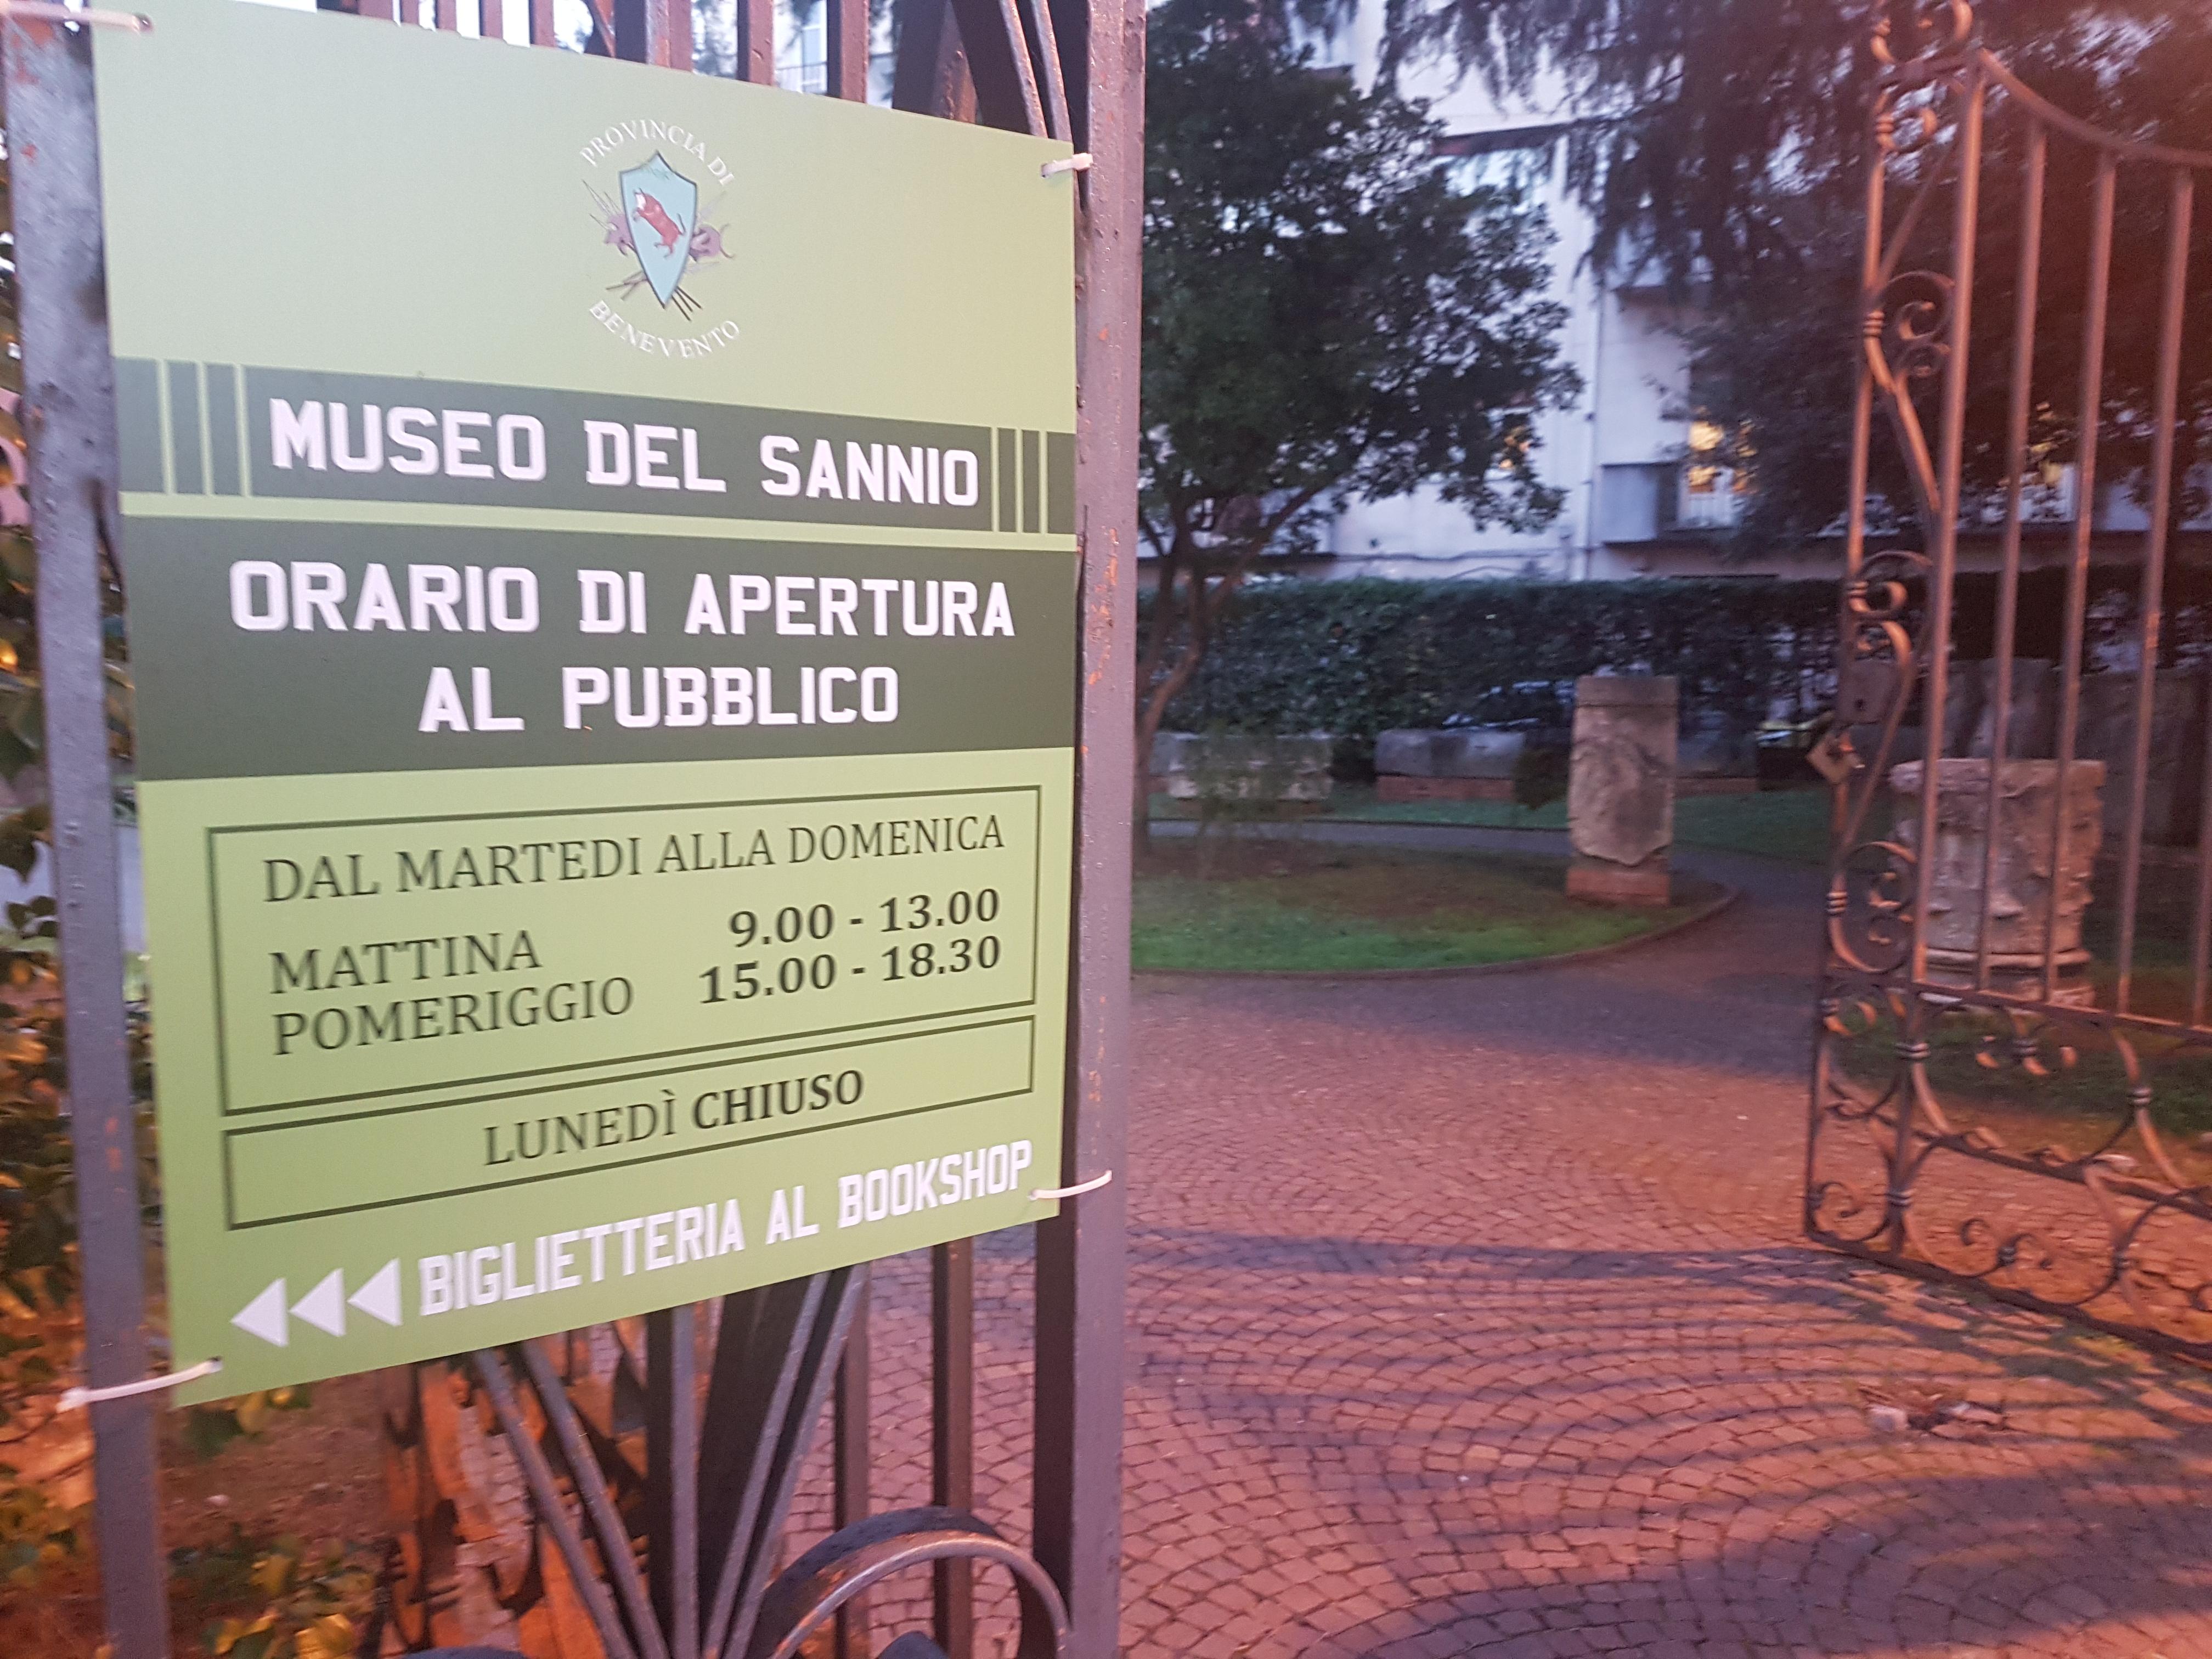 Emergenza Covid 19 e zona arancione, chiude al pubblico fino al 5 Marzo la Rete Museale